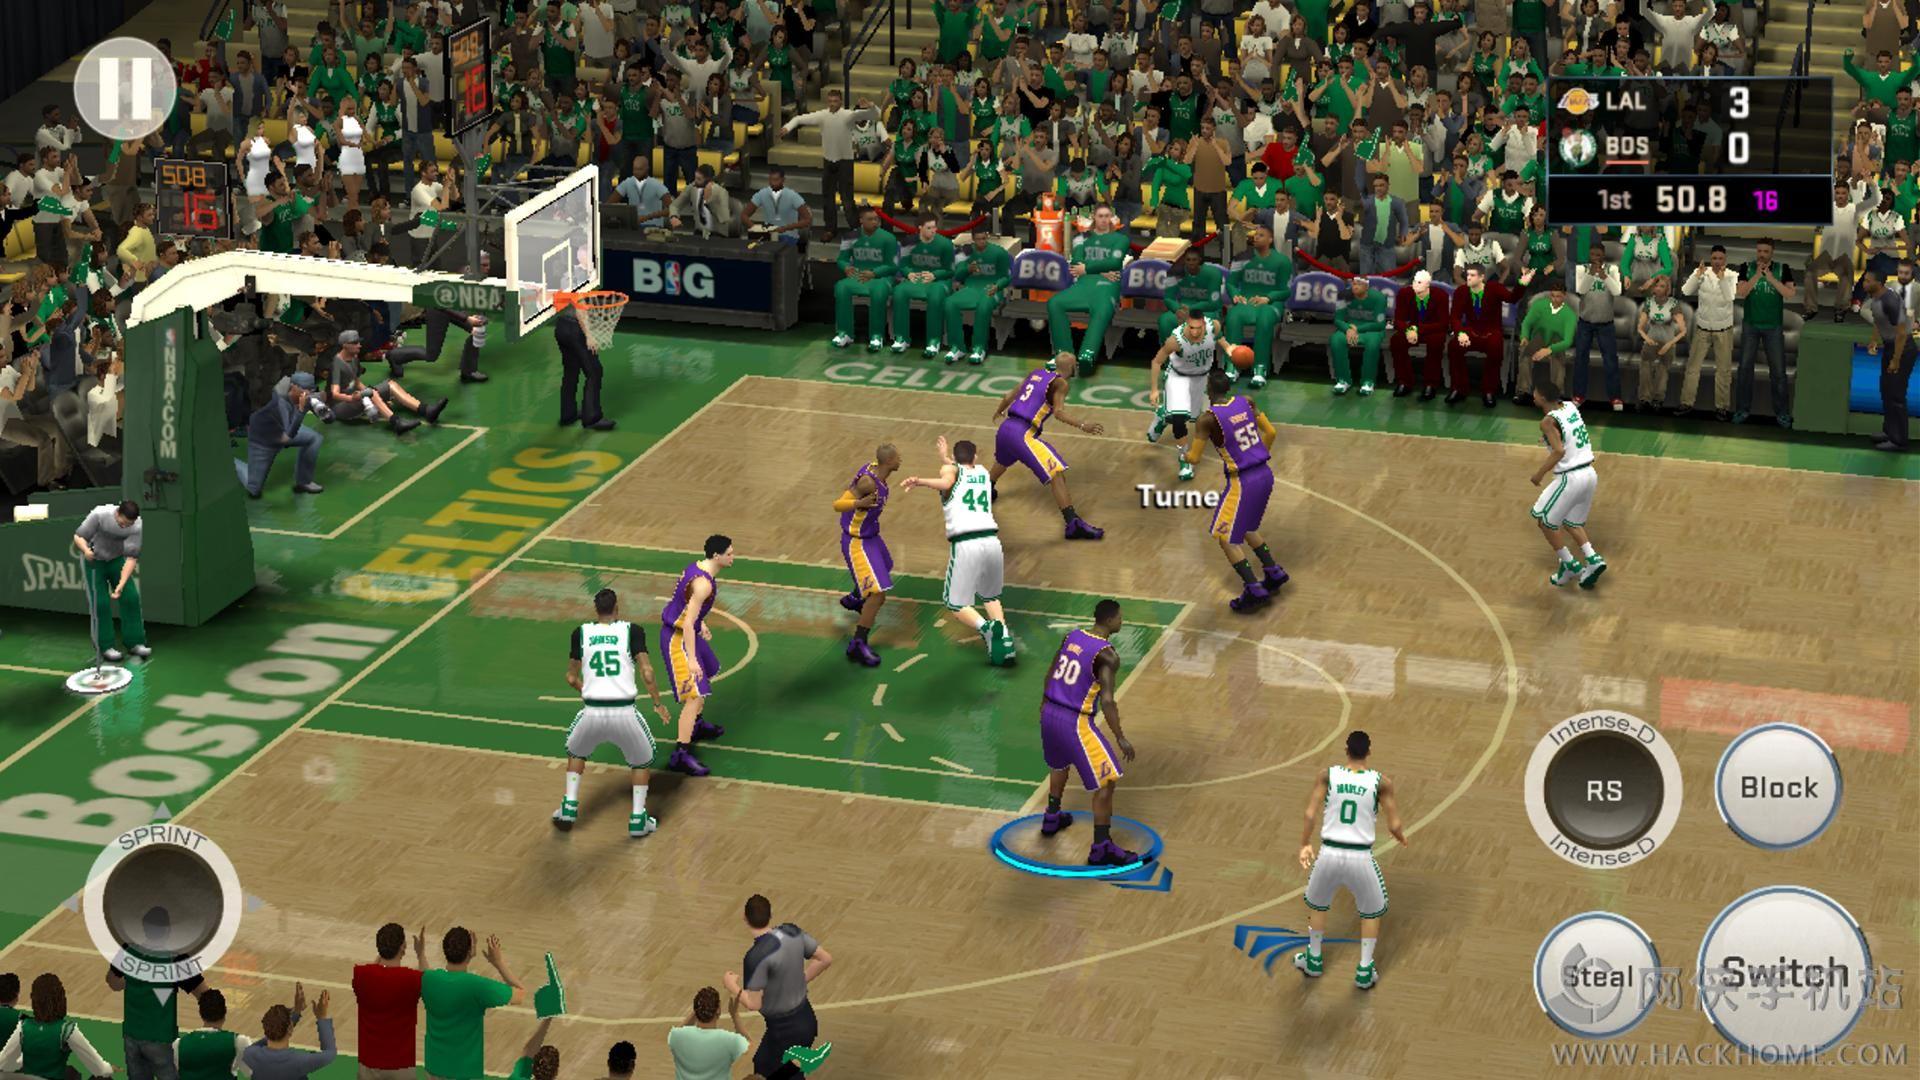 NBA 2K16手机版官网中文版图1: